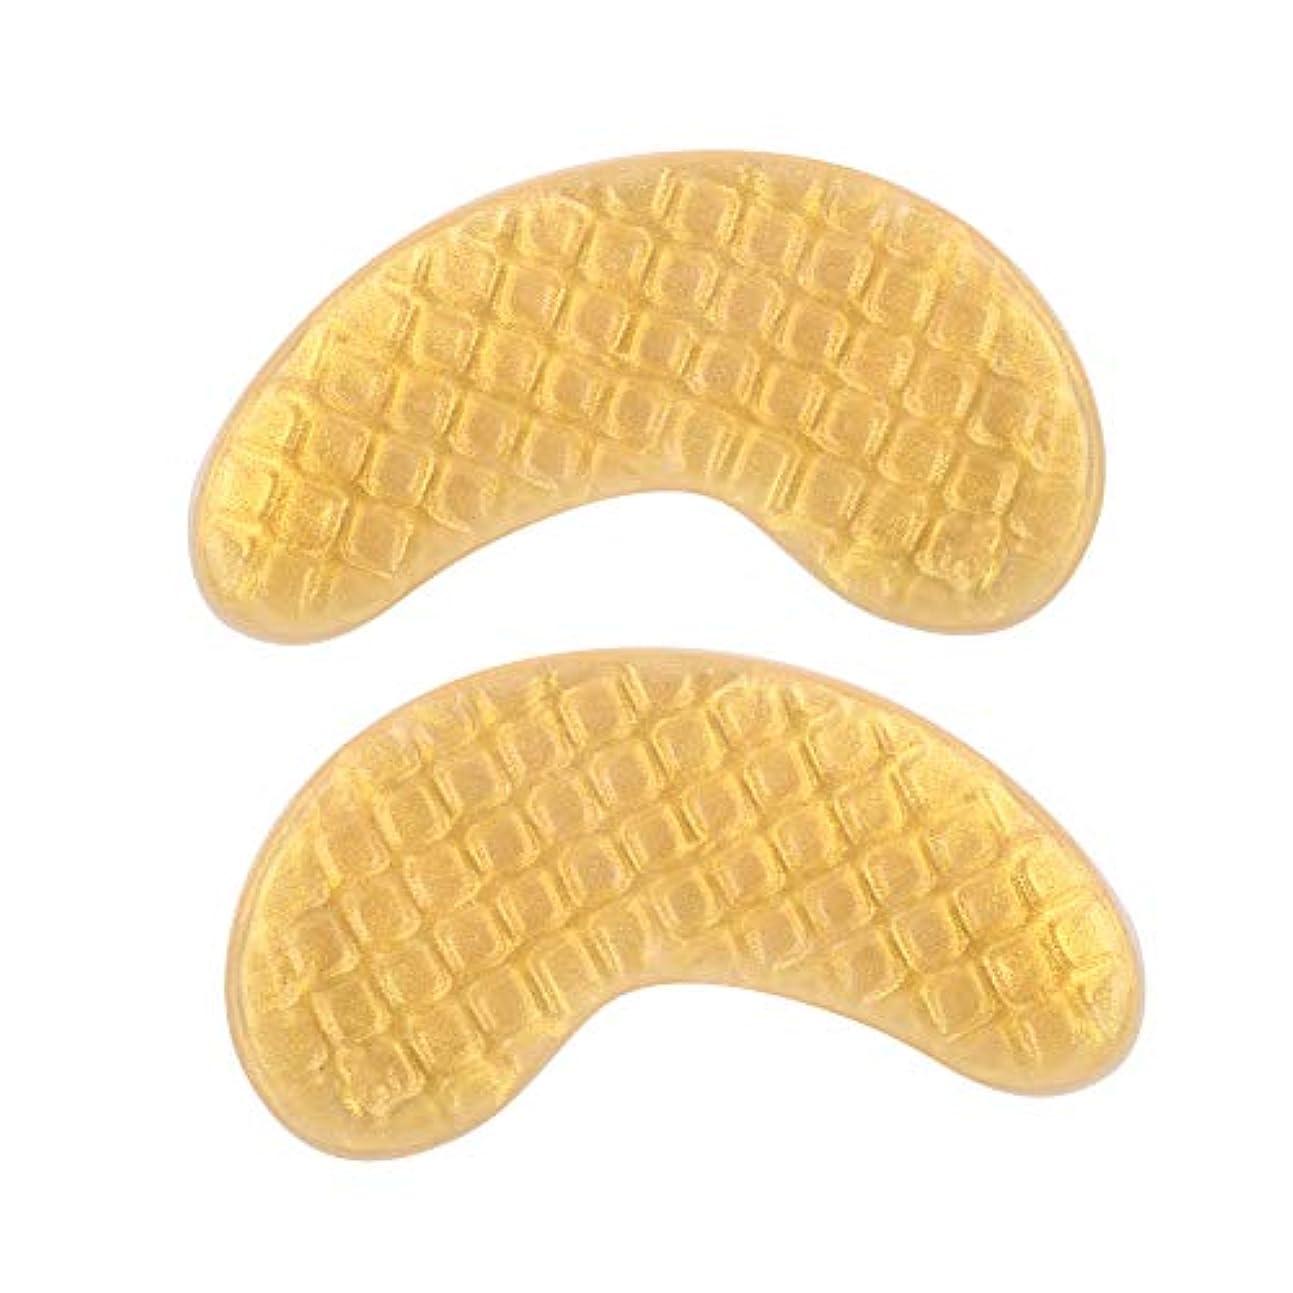 罹患率ジョガーサンダル20ペアコラーゲンアイパッチ、ハイドレイティングアイマスク、ゴールドクリスタルジェルグリッドモイスチャーアンチリンクルアイマスク、保湿、むくみ除去、スキンケア用アイマスク